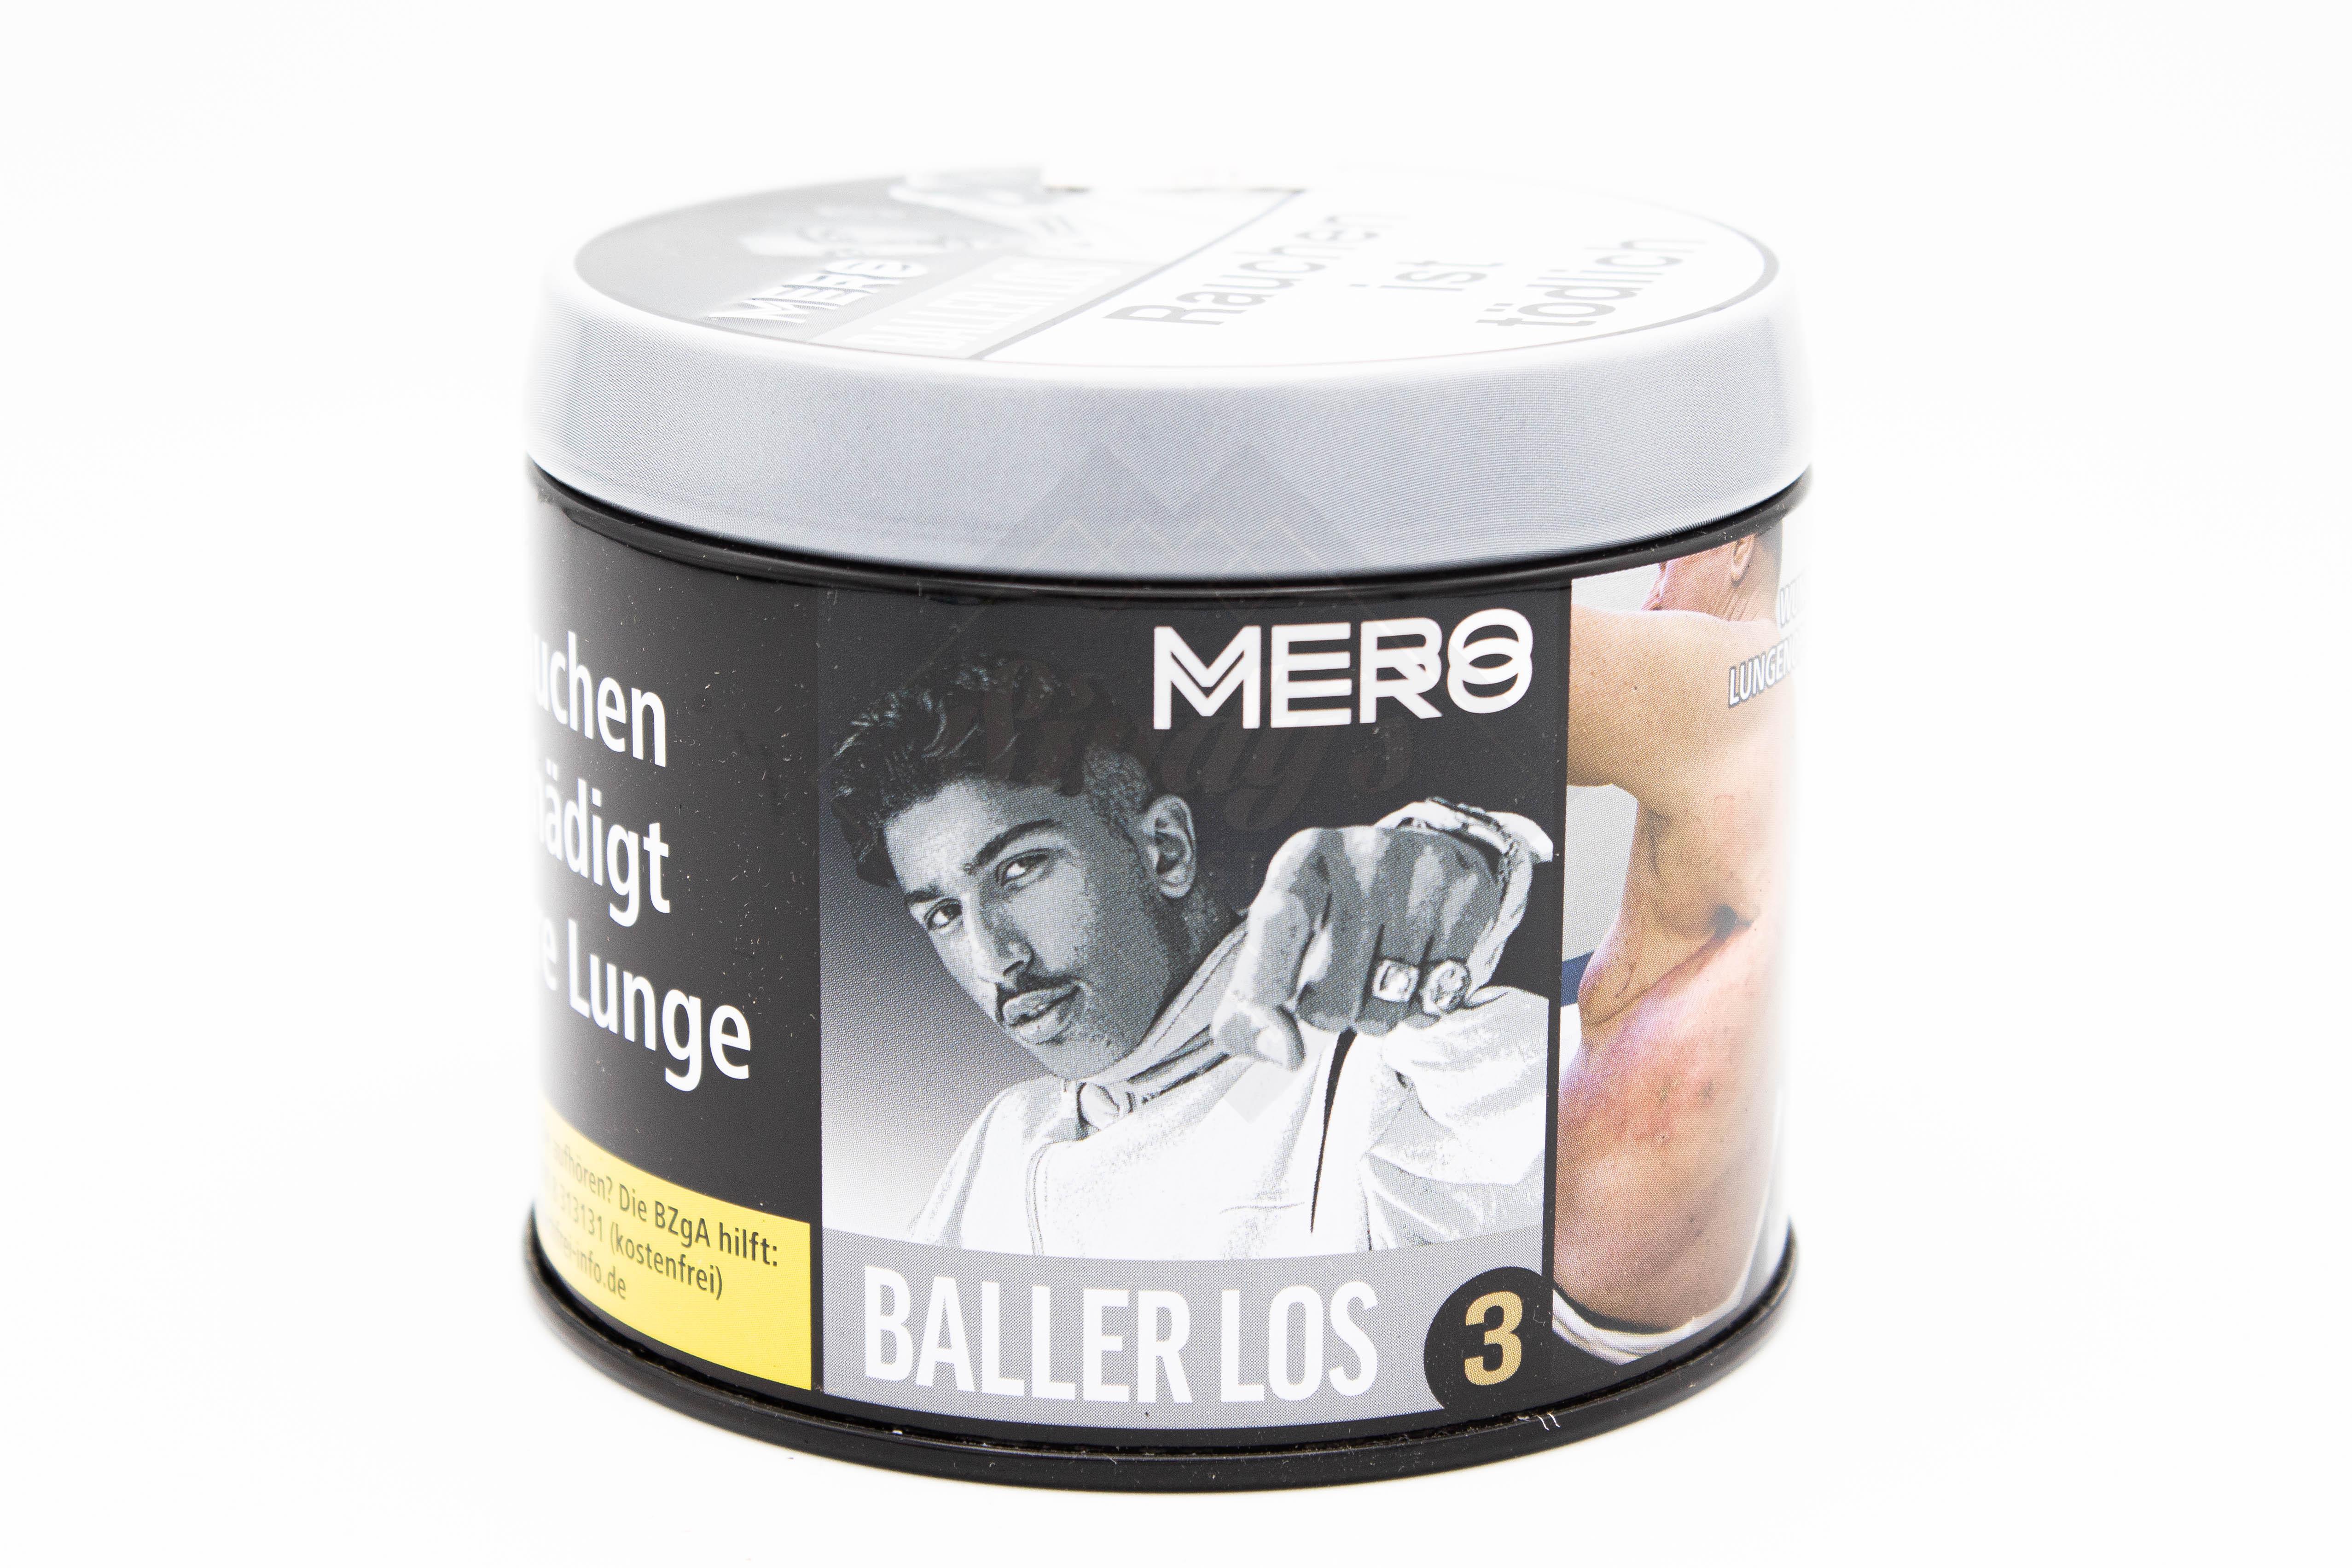 Mero Tobacco - No.3 Baller Los 200g